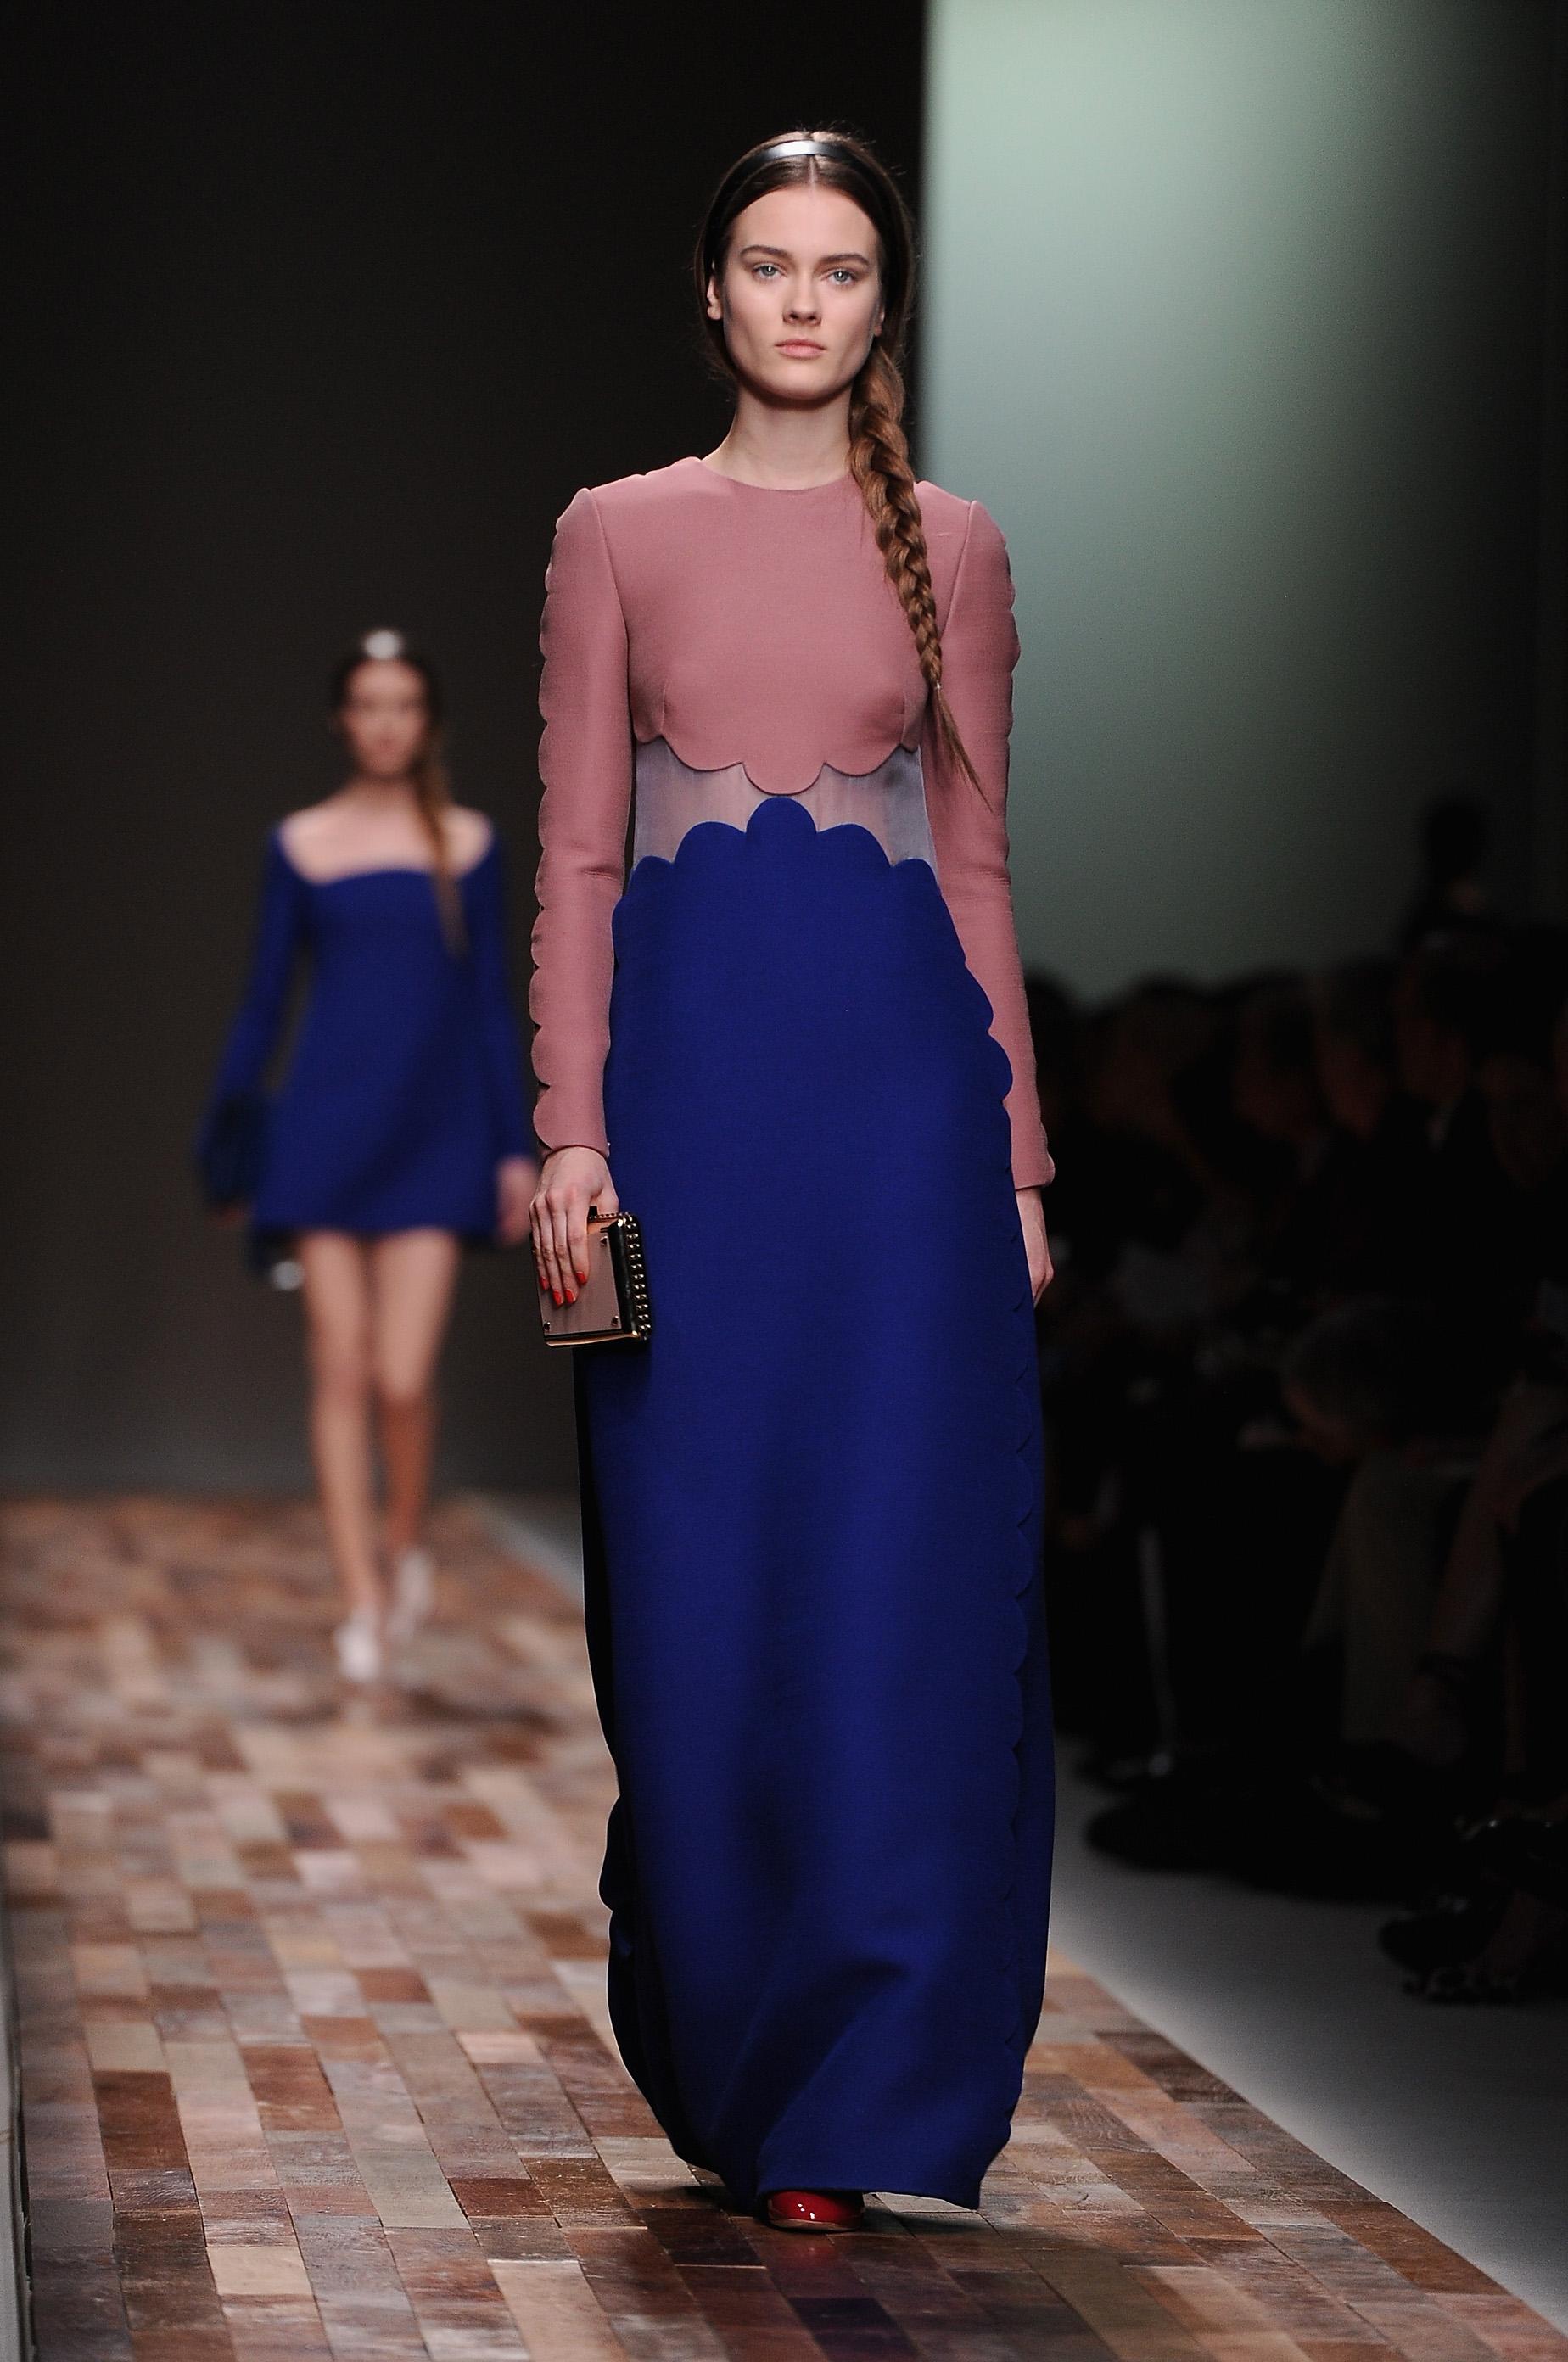 Коллекция от Valentino на Парижской неделе моды. Фото: Pascal Le Segretain/Getty Images